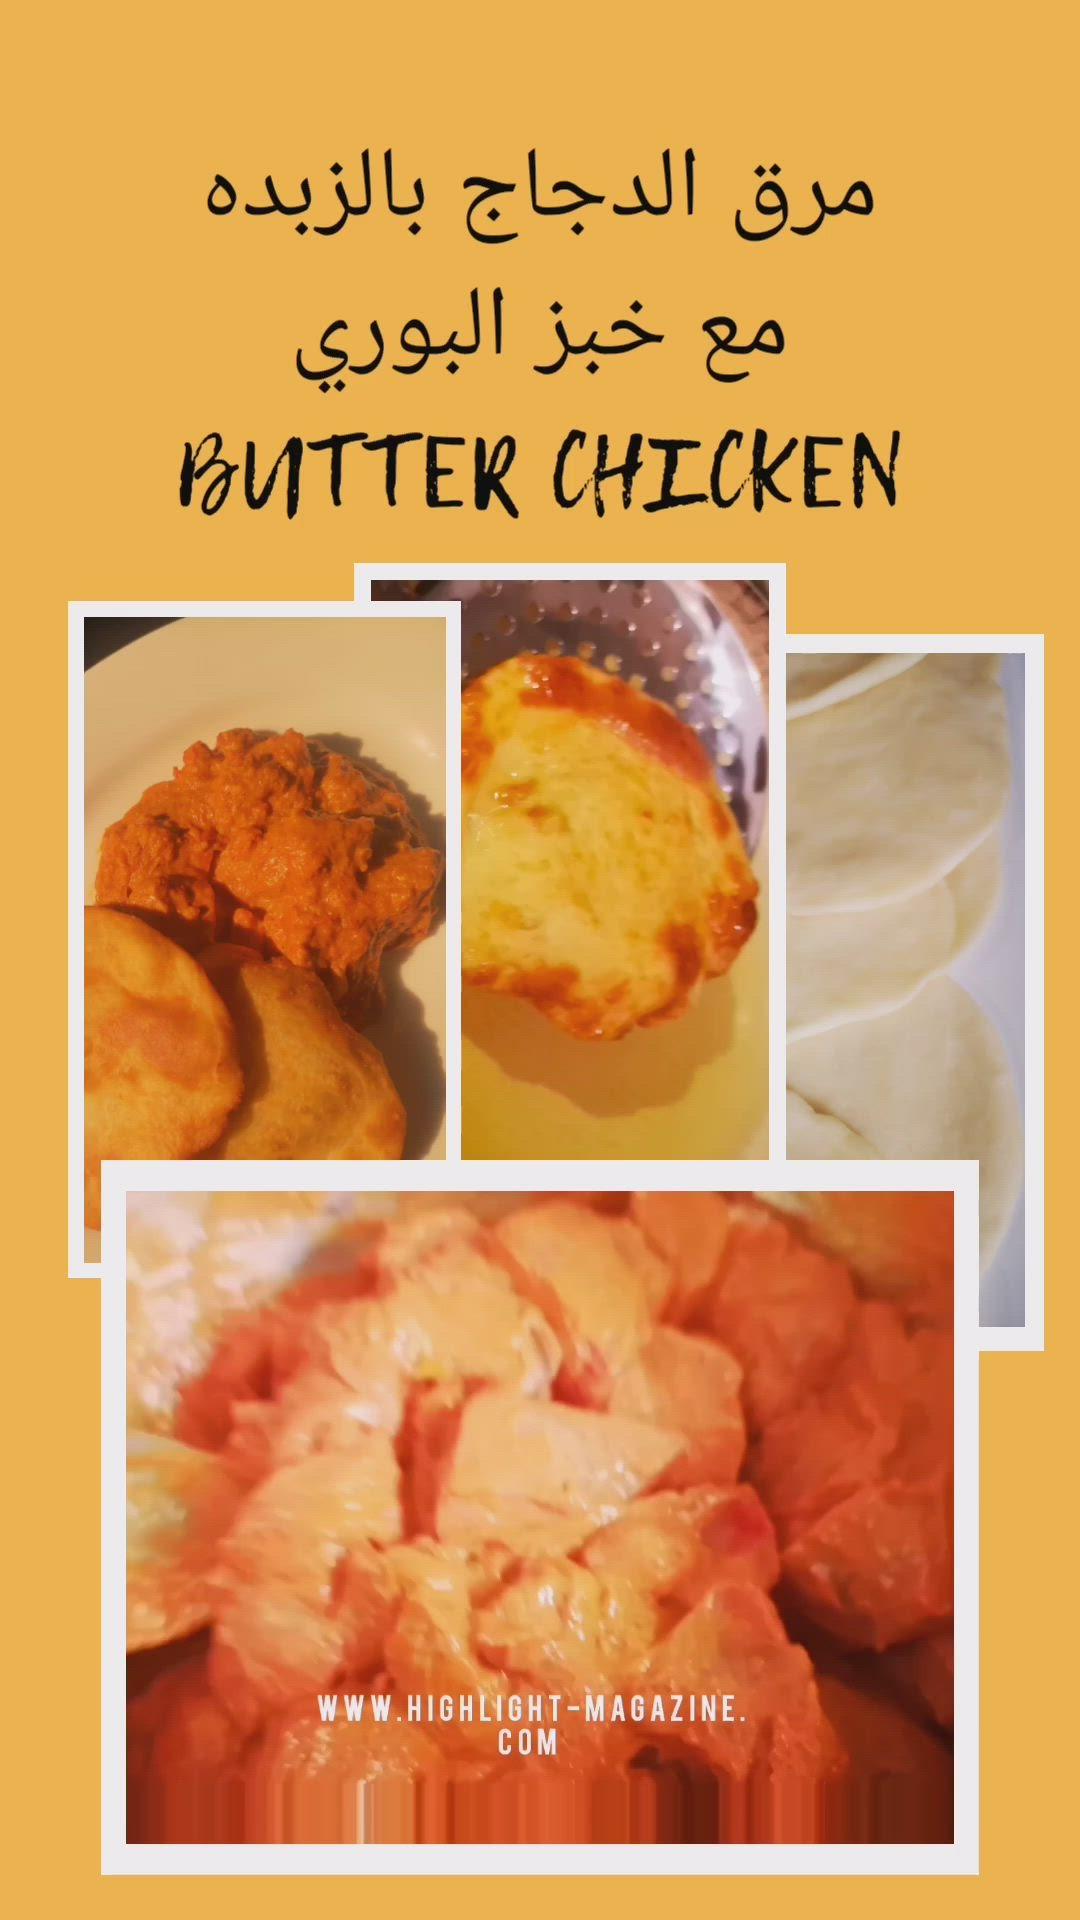 مرق الدجاج بالزبده مع خبز البوري Video Food Chicken Baking